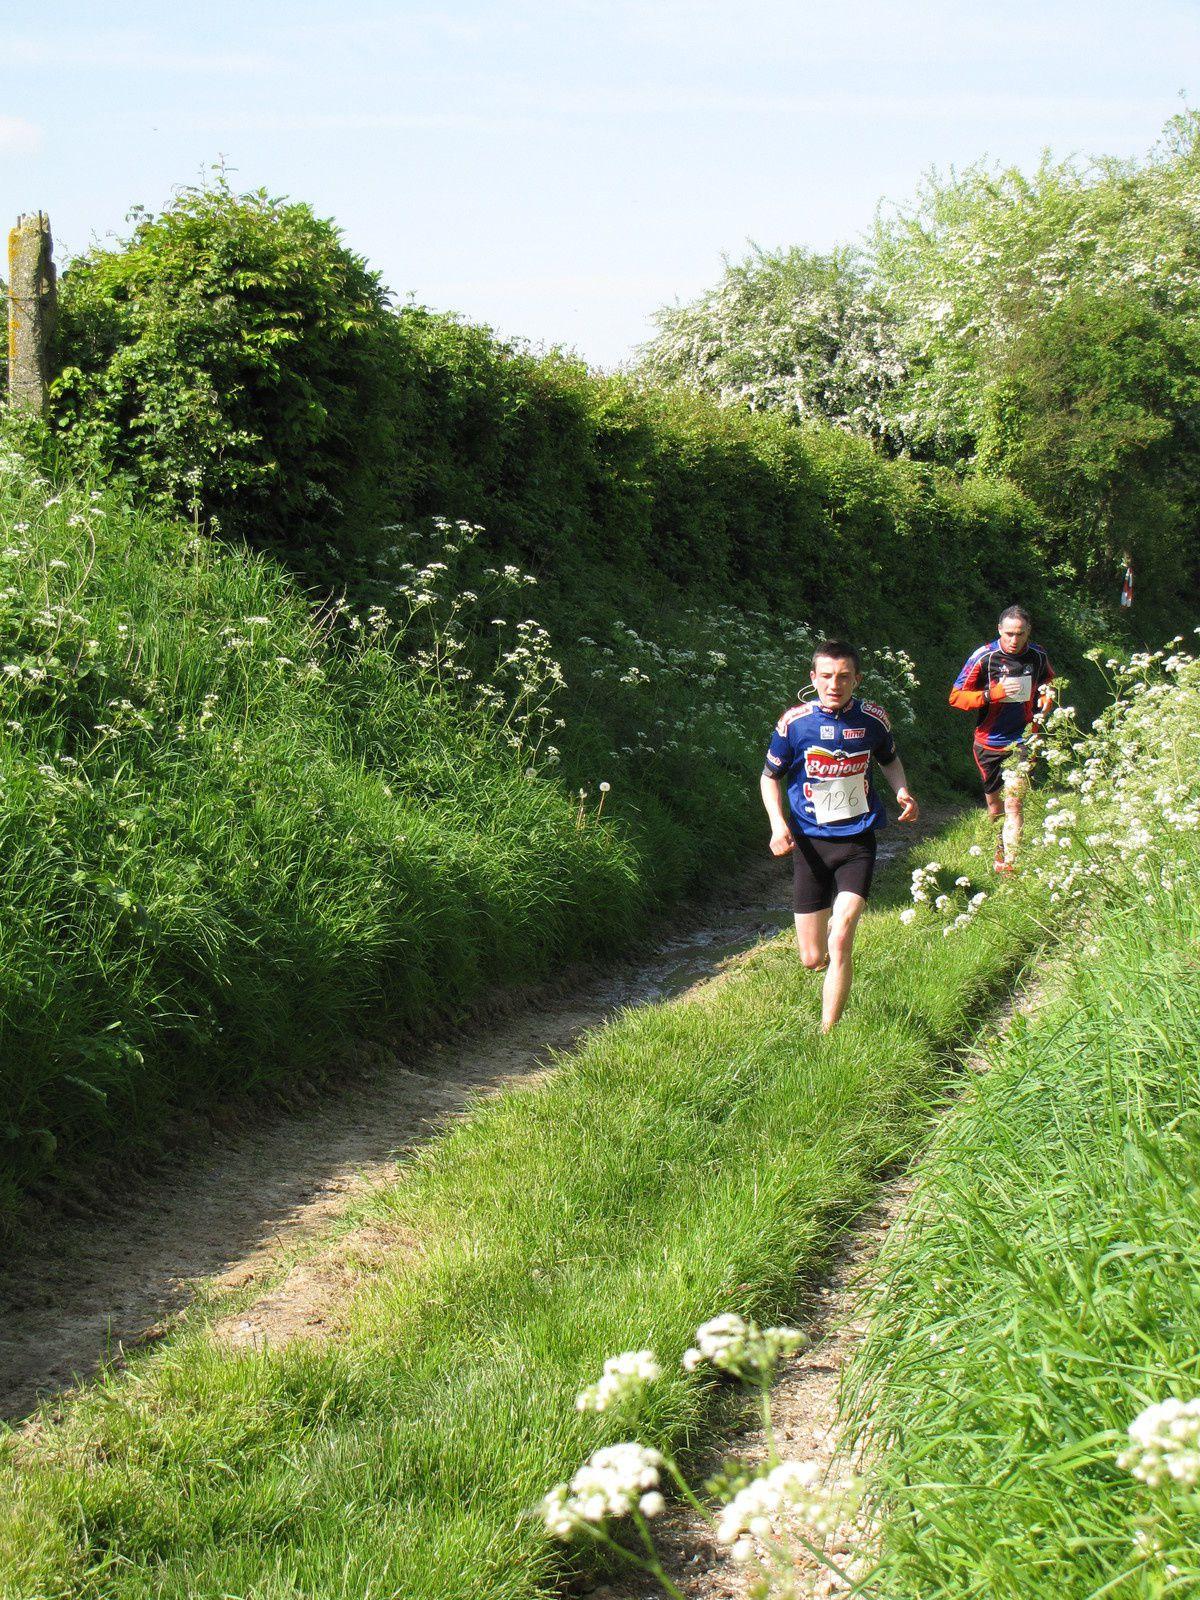 Photos route des Archers 2014 série Jérôme 10 km 2